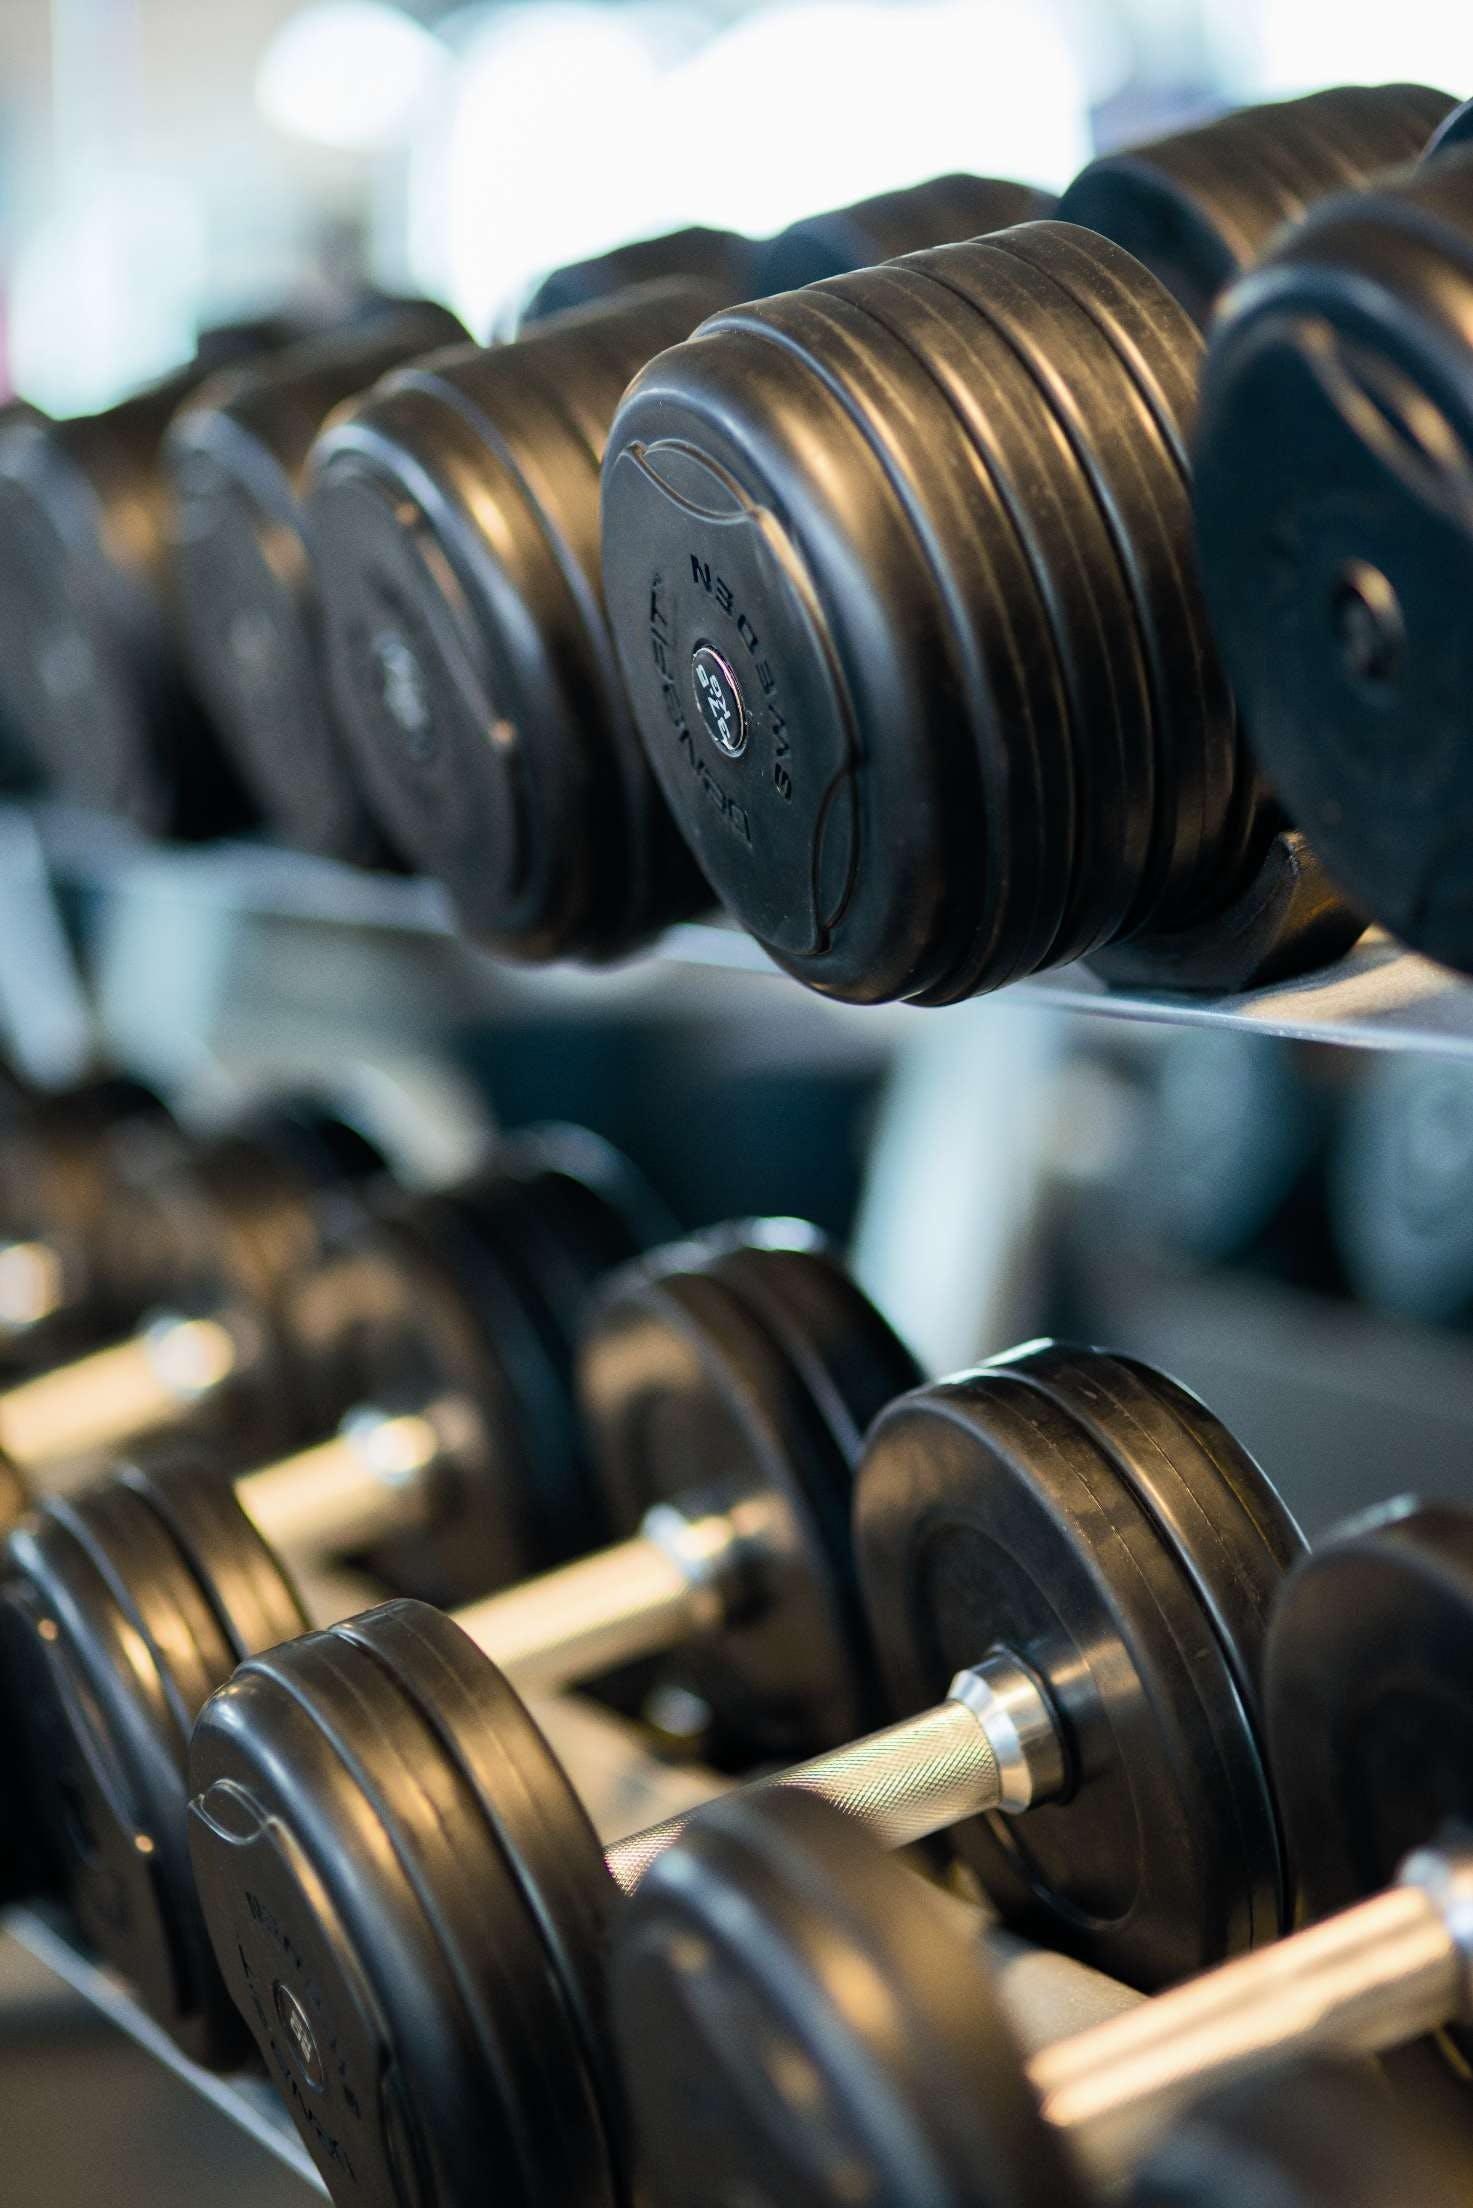 činky, fitness, hmotnost